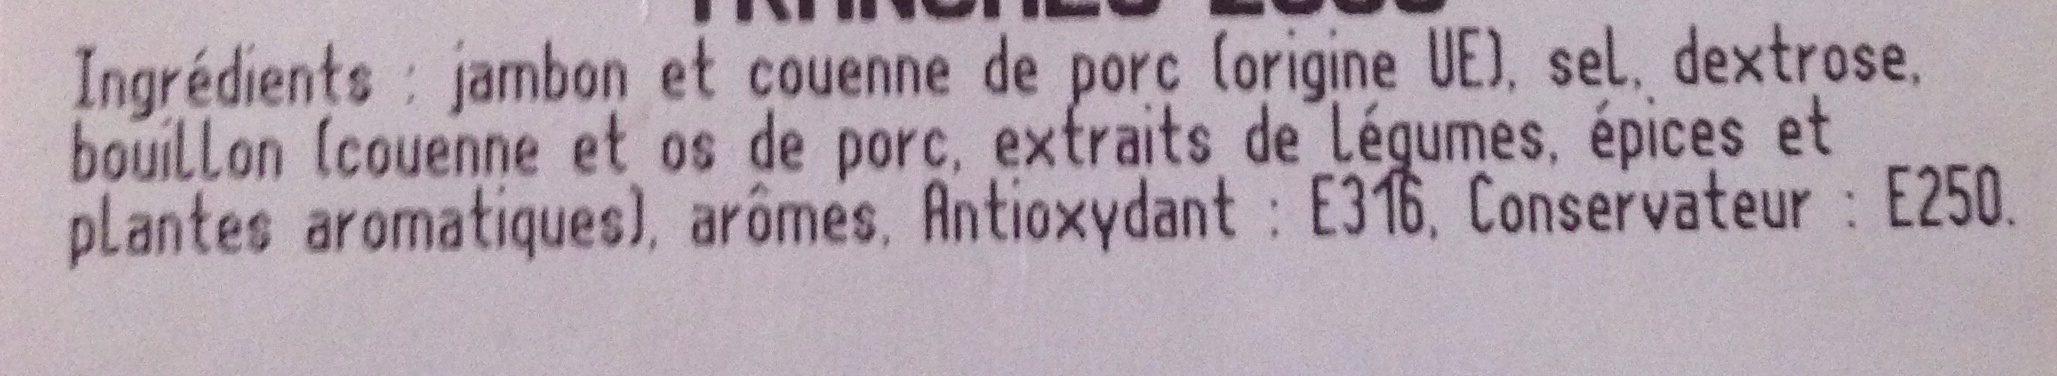 Jambon cuit supérieur AC - Ingrediënten